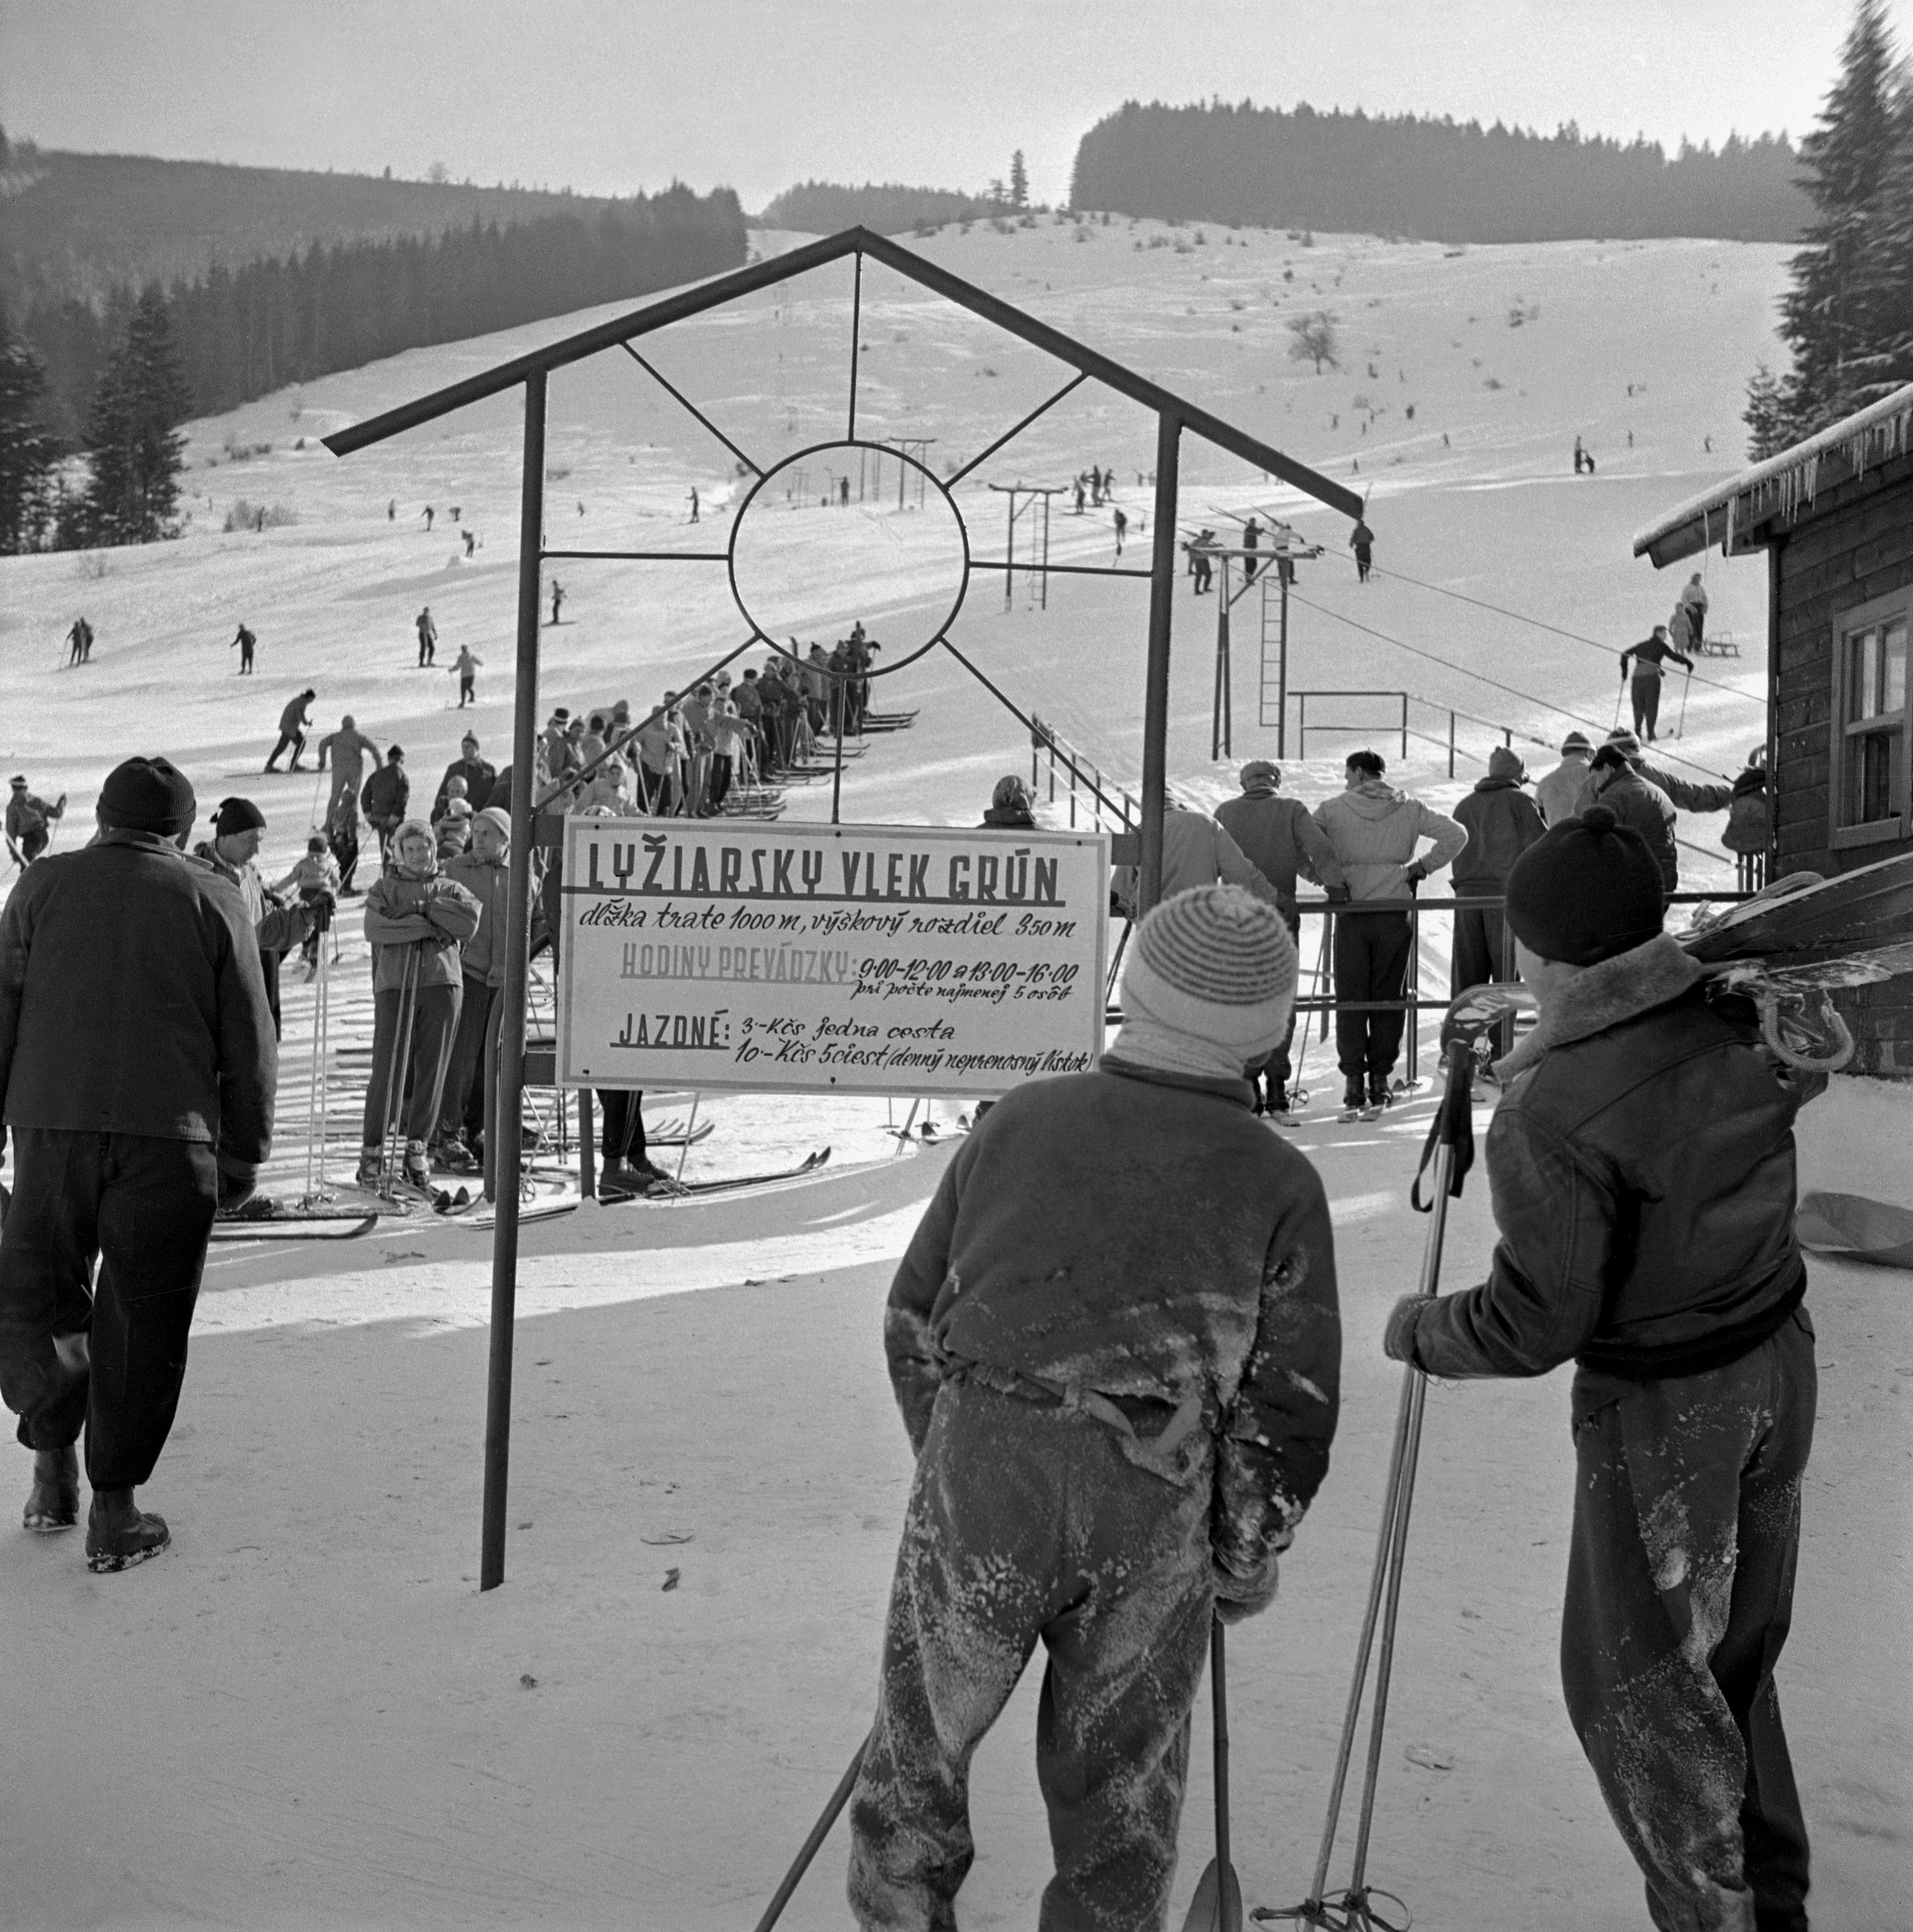 Na archívnej snímke z 12. februára 1960 športovci a rekreanti v lyžiarskom stredisku Grúň. Za jednu jazdu sa platili 3,- Kčs, denný neprenosný lístok s piatimi jazdami stál 10,- Kčs.